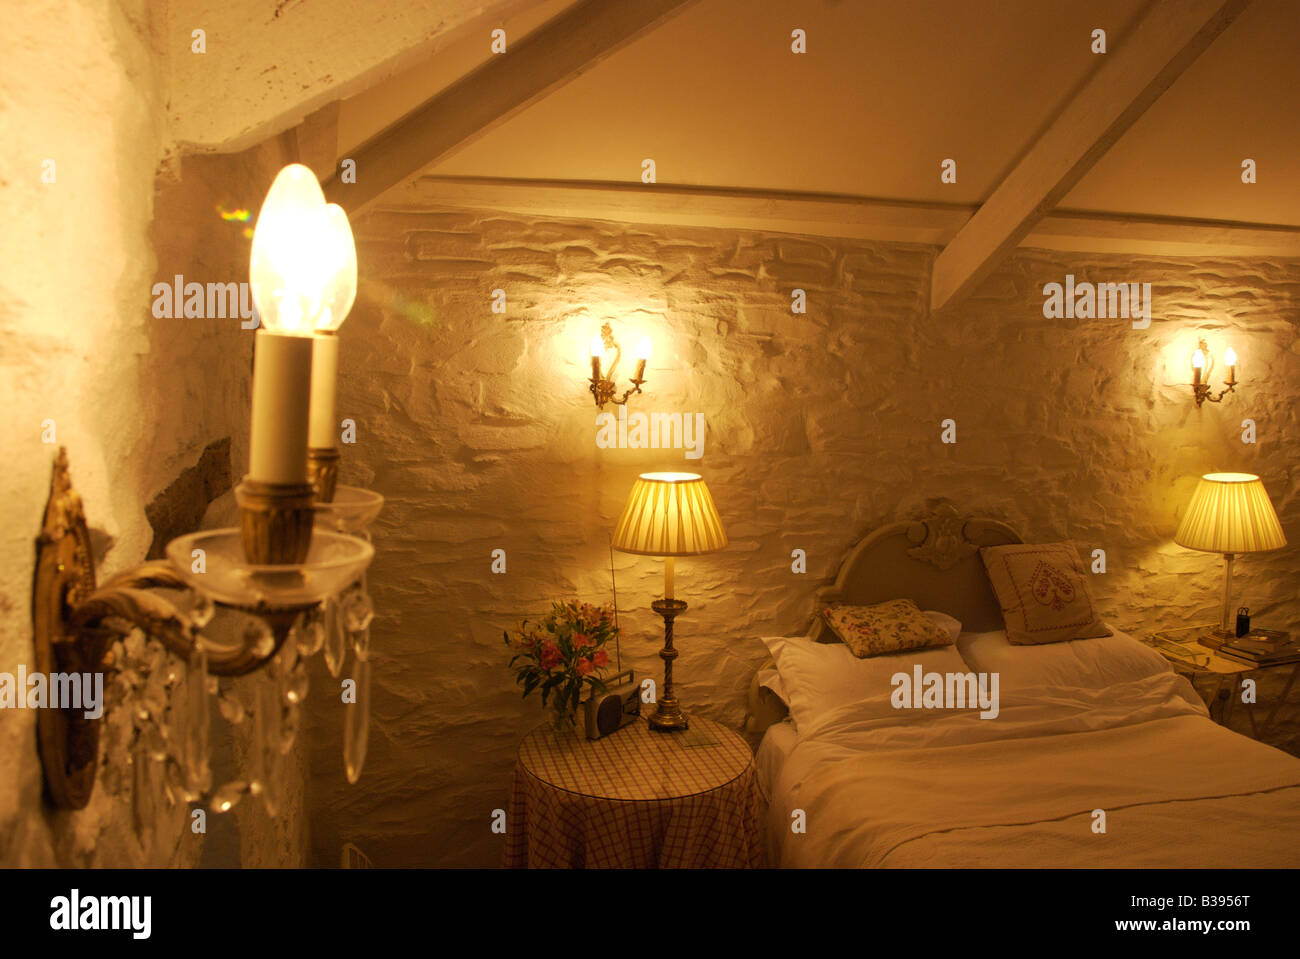 Luce a parete applique e la camera da letto in un accogliente